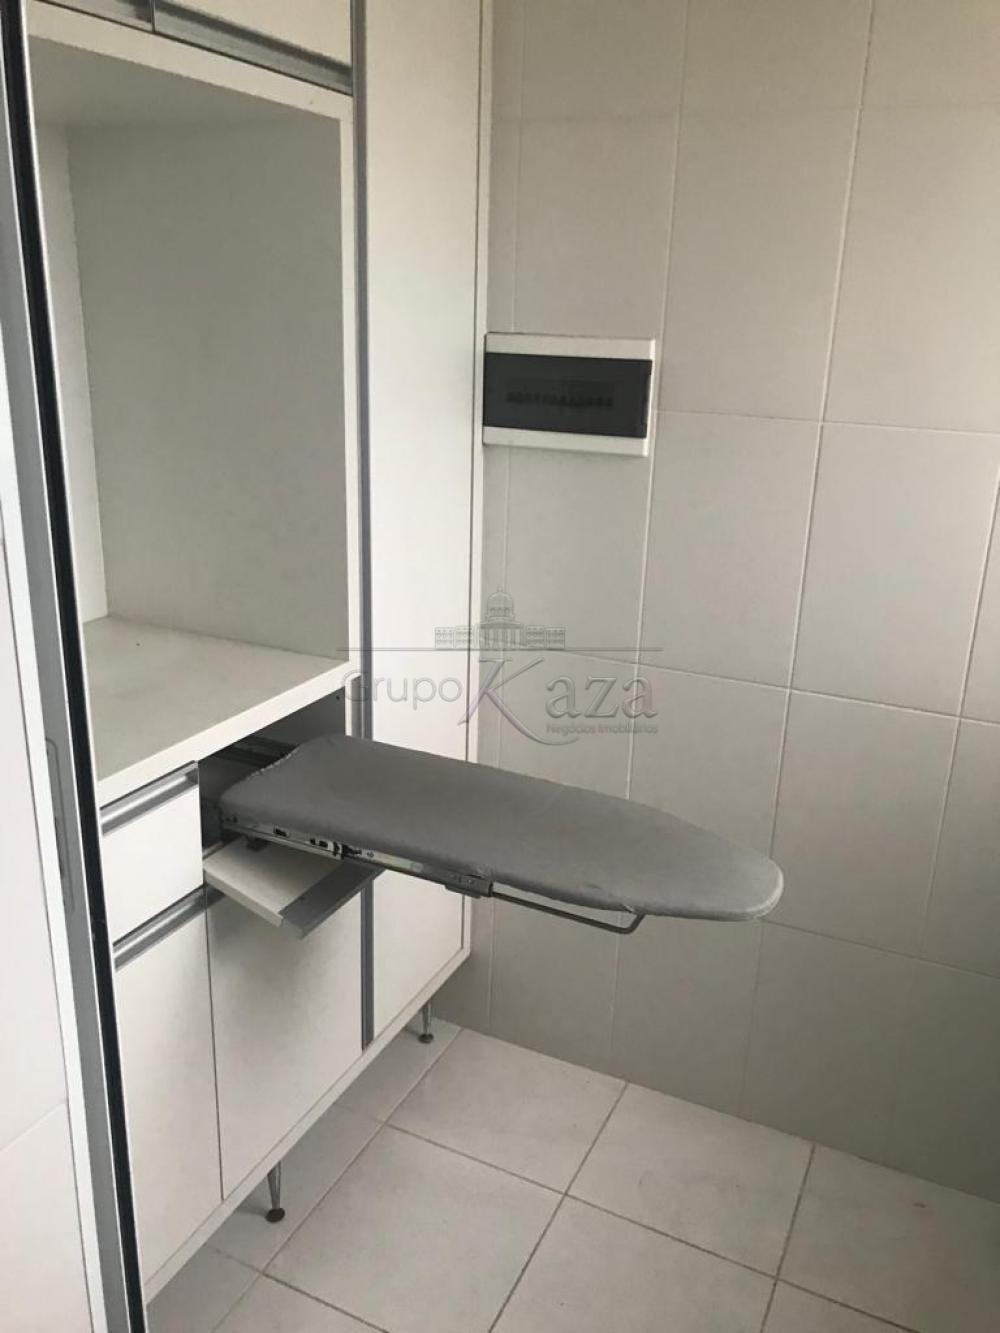 Comprar Casa / Condomínio em Taubaté apenas R$ 352.000,00 - Foto 21